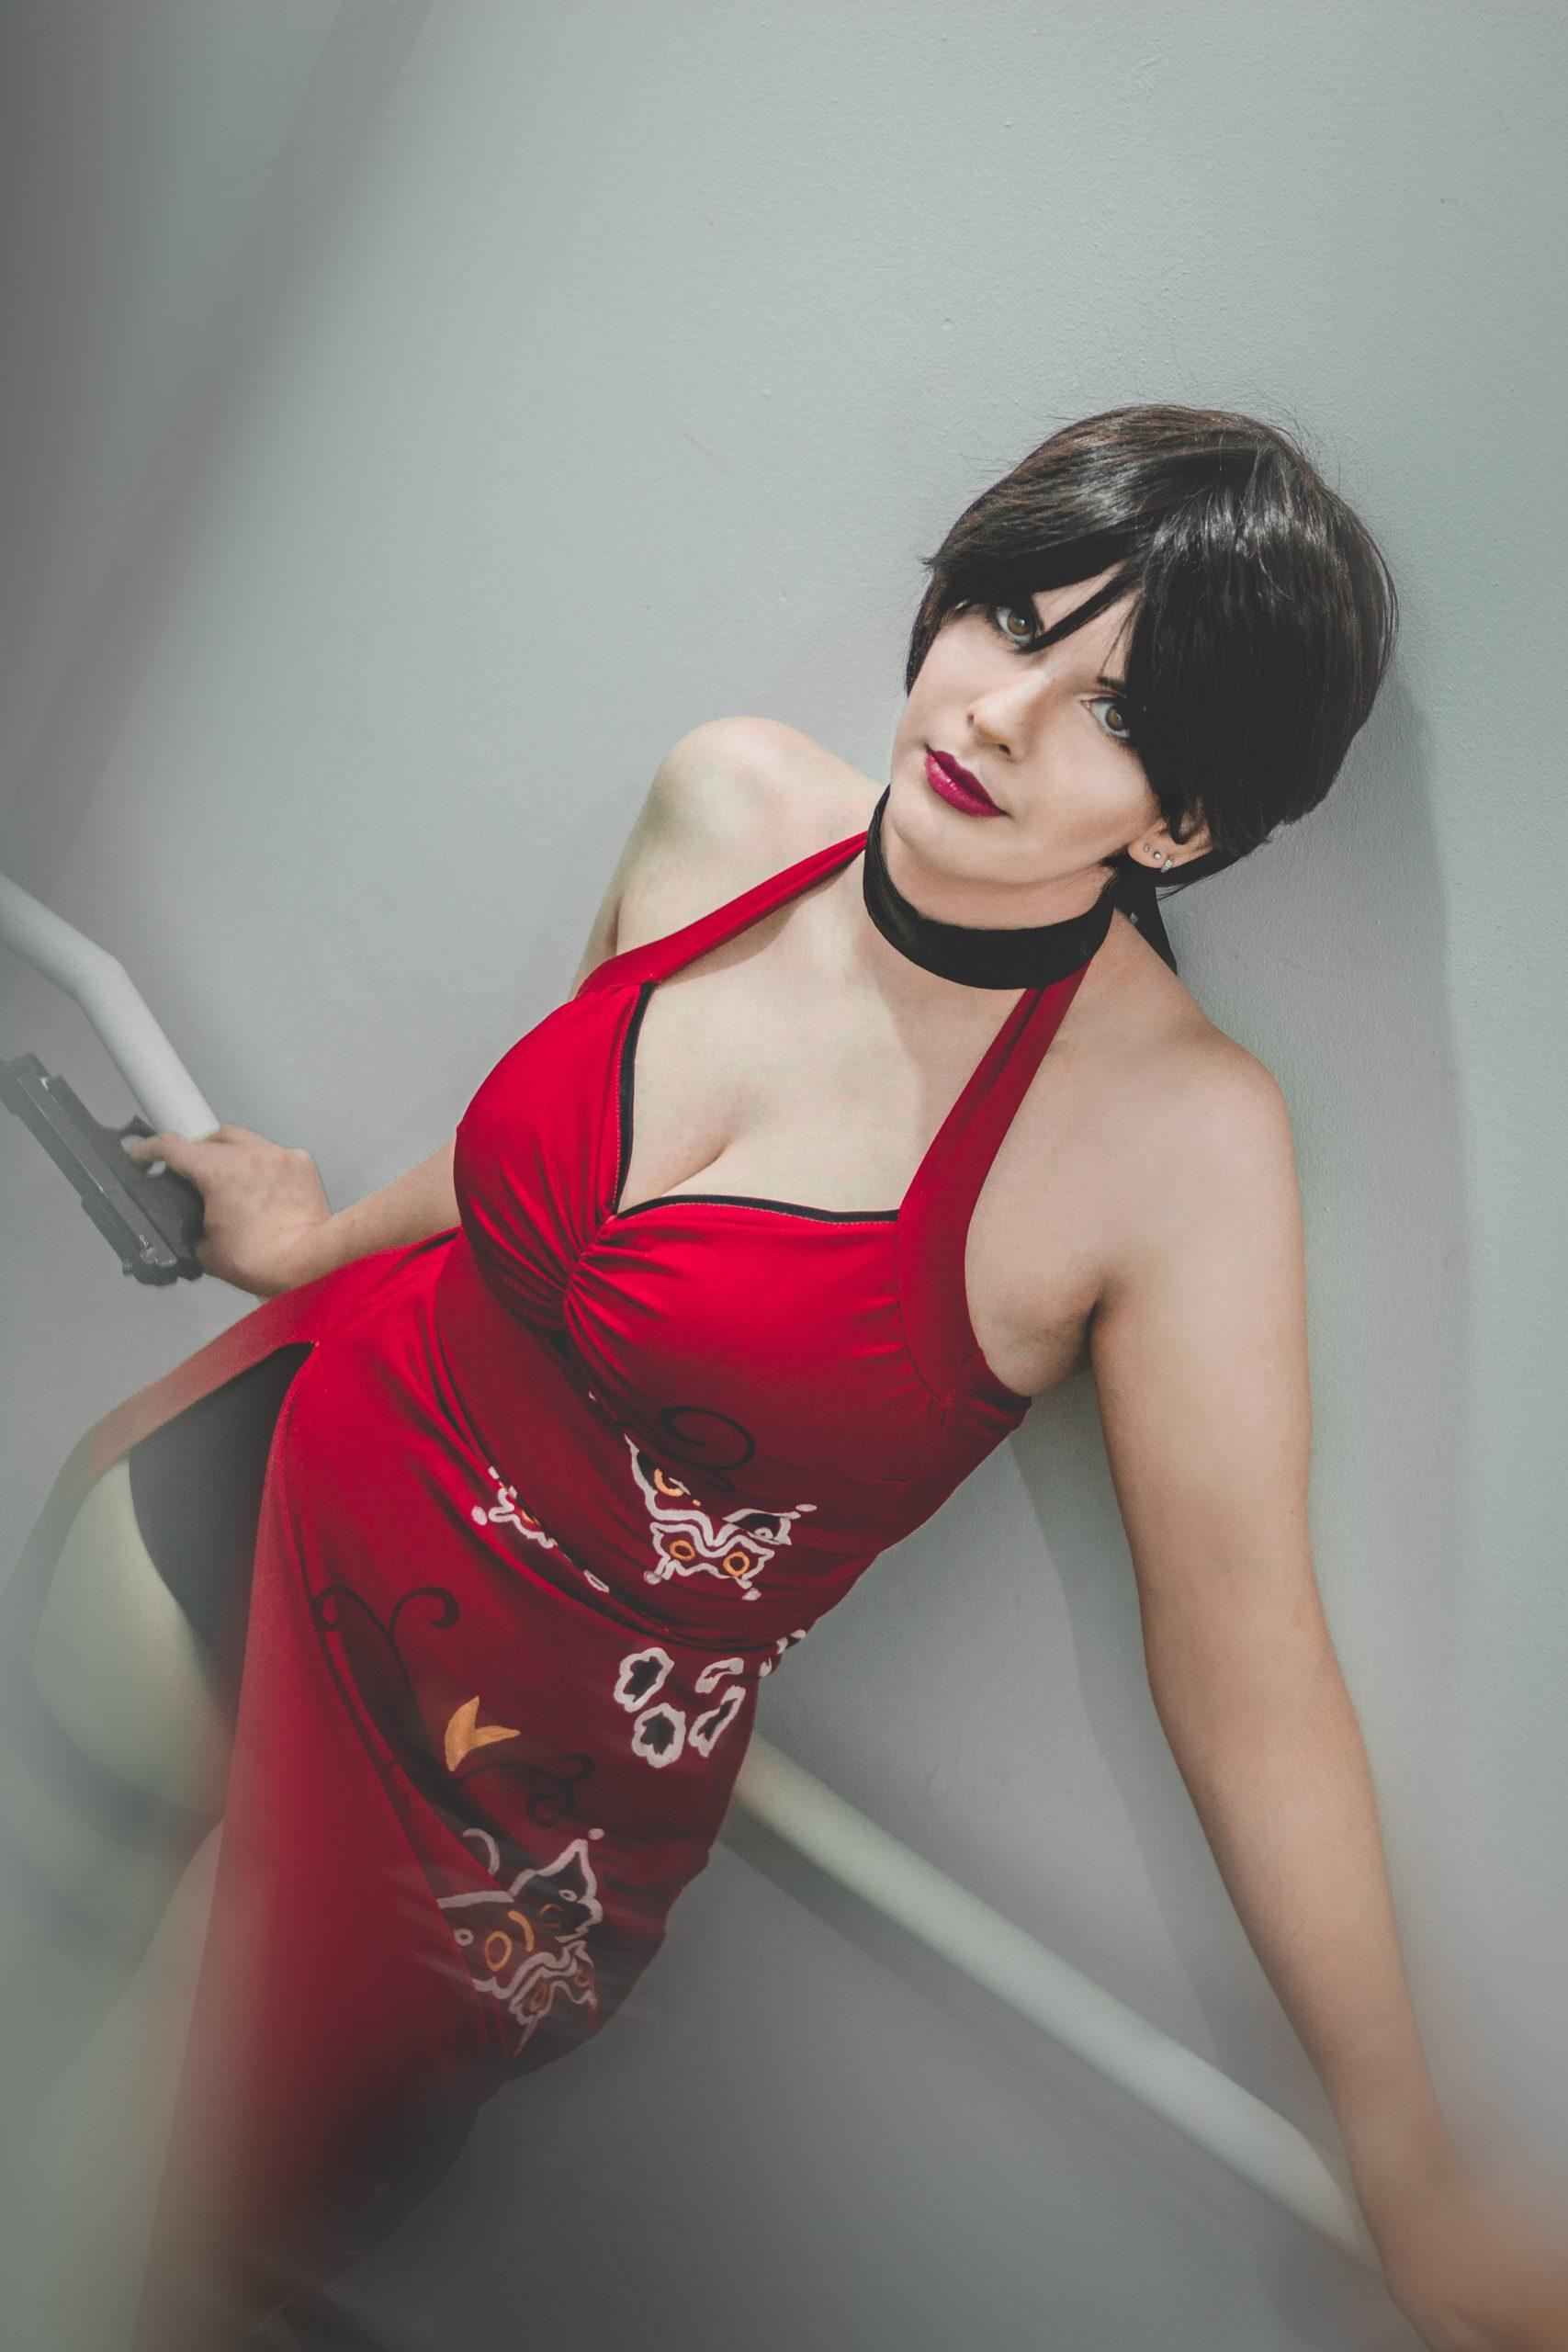 Cosplay Ada Wong - Resident Ev